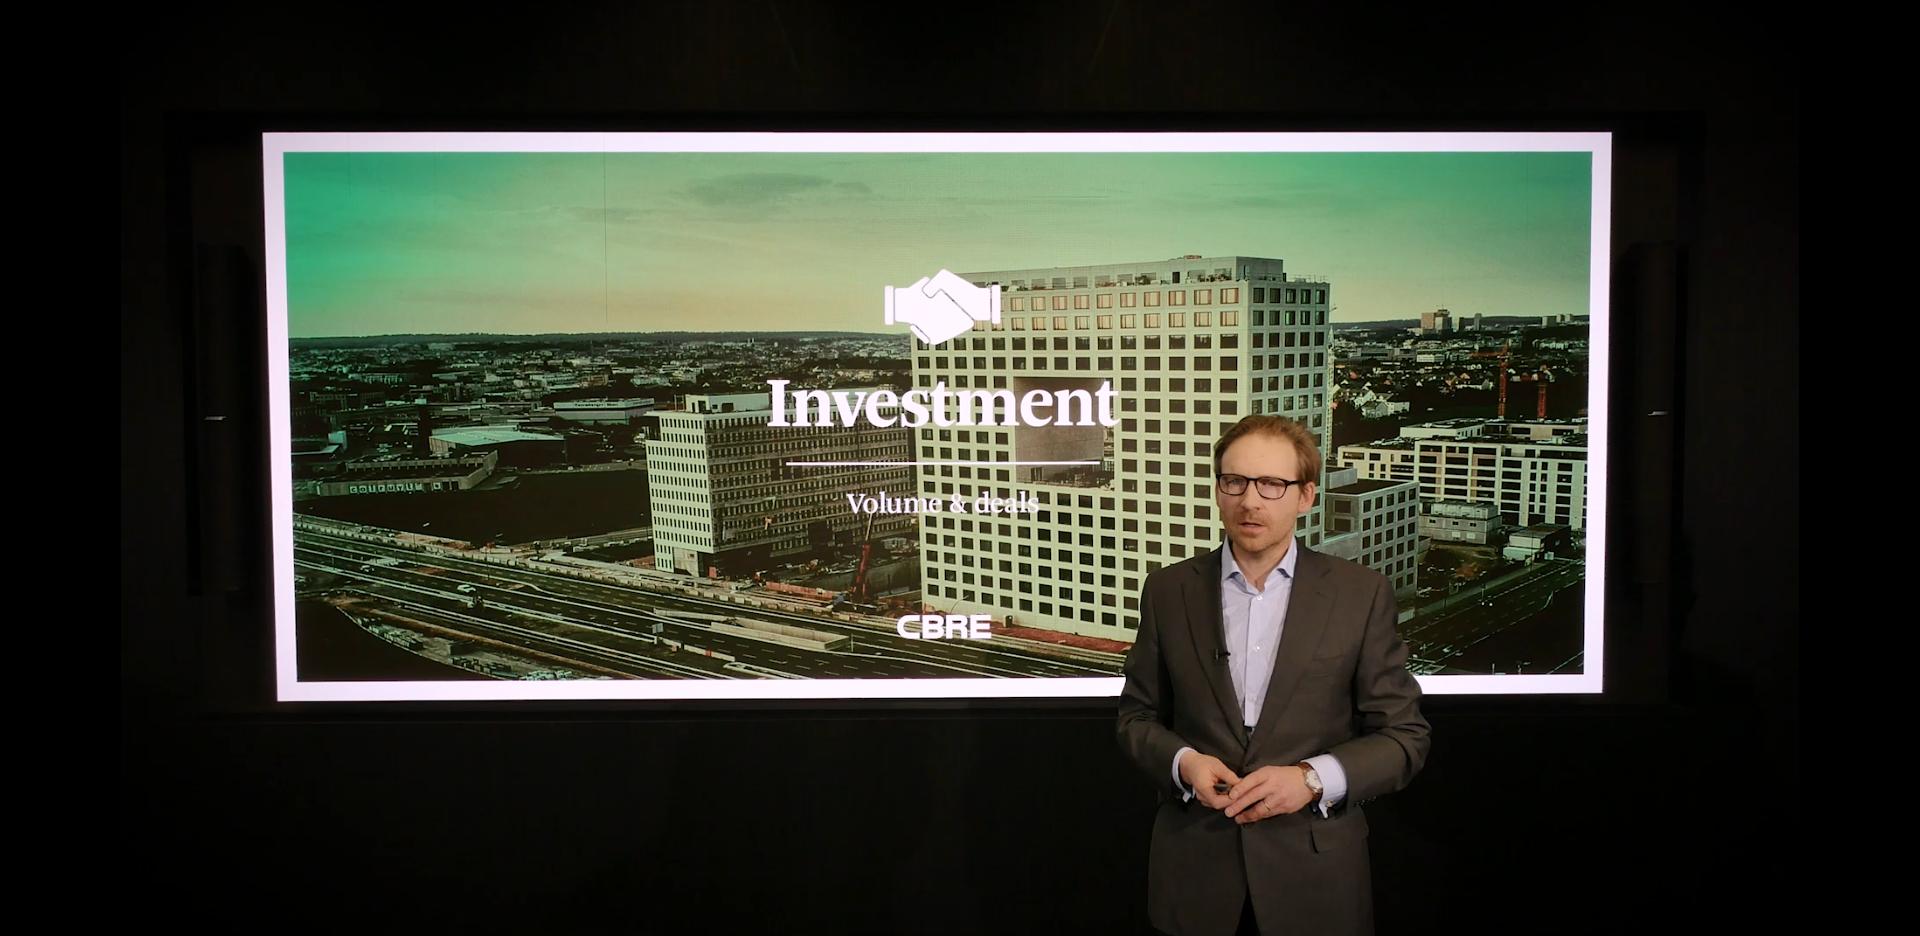 Jérôme Coppée parle du marché luxembourgeois de l'immobilier d'investissement devant sa présentation affichée sur un grand écran LED lors du webinaire Outlook 2021.